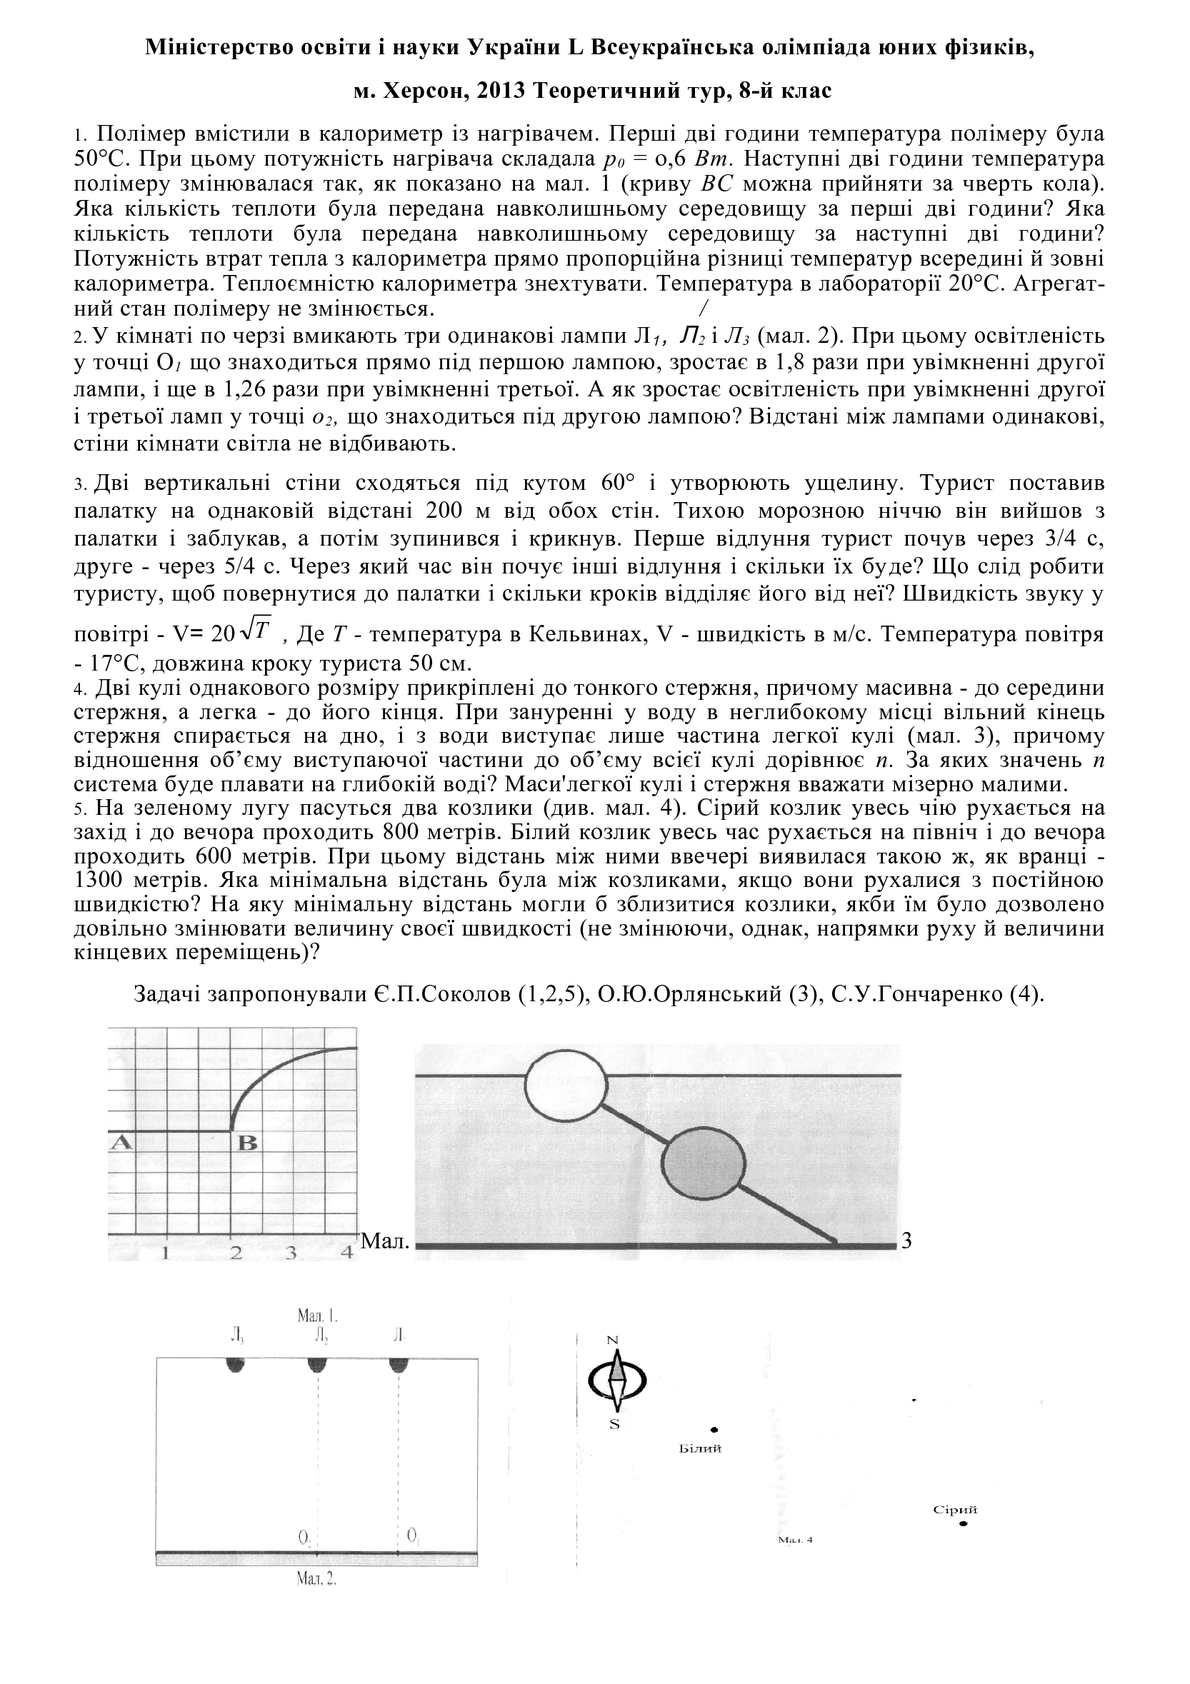 Задачі. L Всеукраїнська олімпіада юних фізиків,  м. Херсон, 2013 Теоретичний тур, 8-й клас